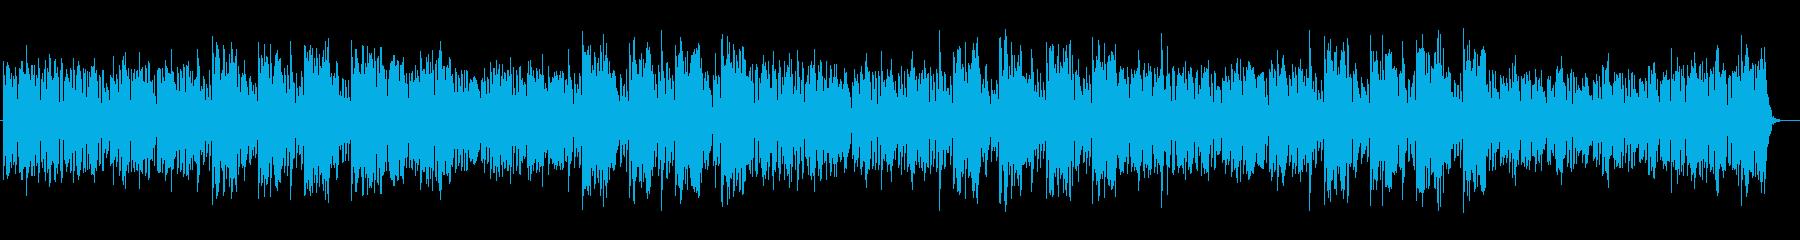 幻想的なピアノの音色が印象的な曲の再生済みの波形